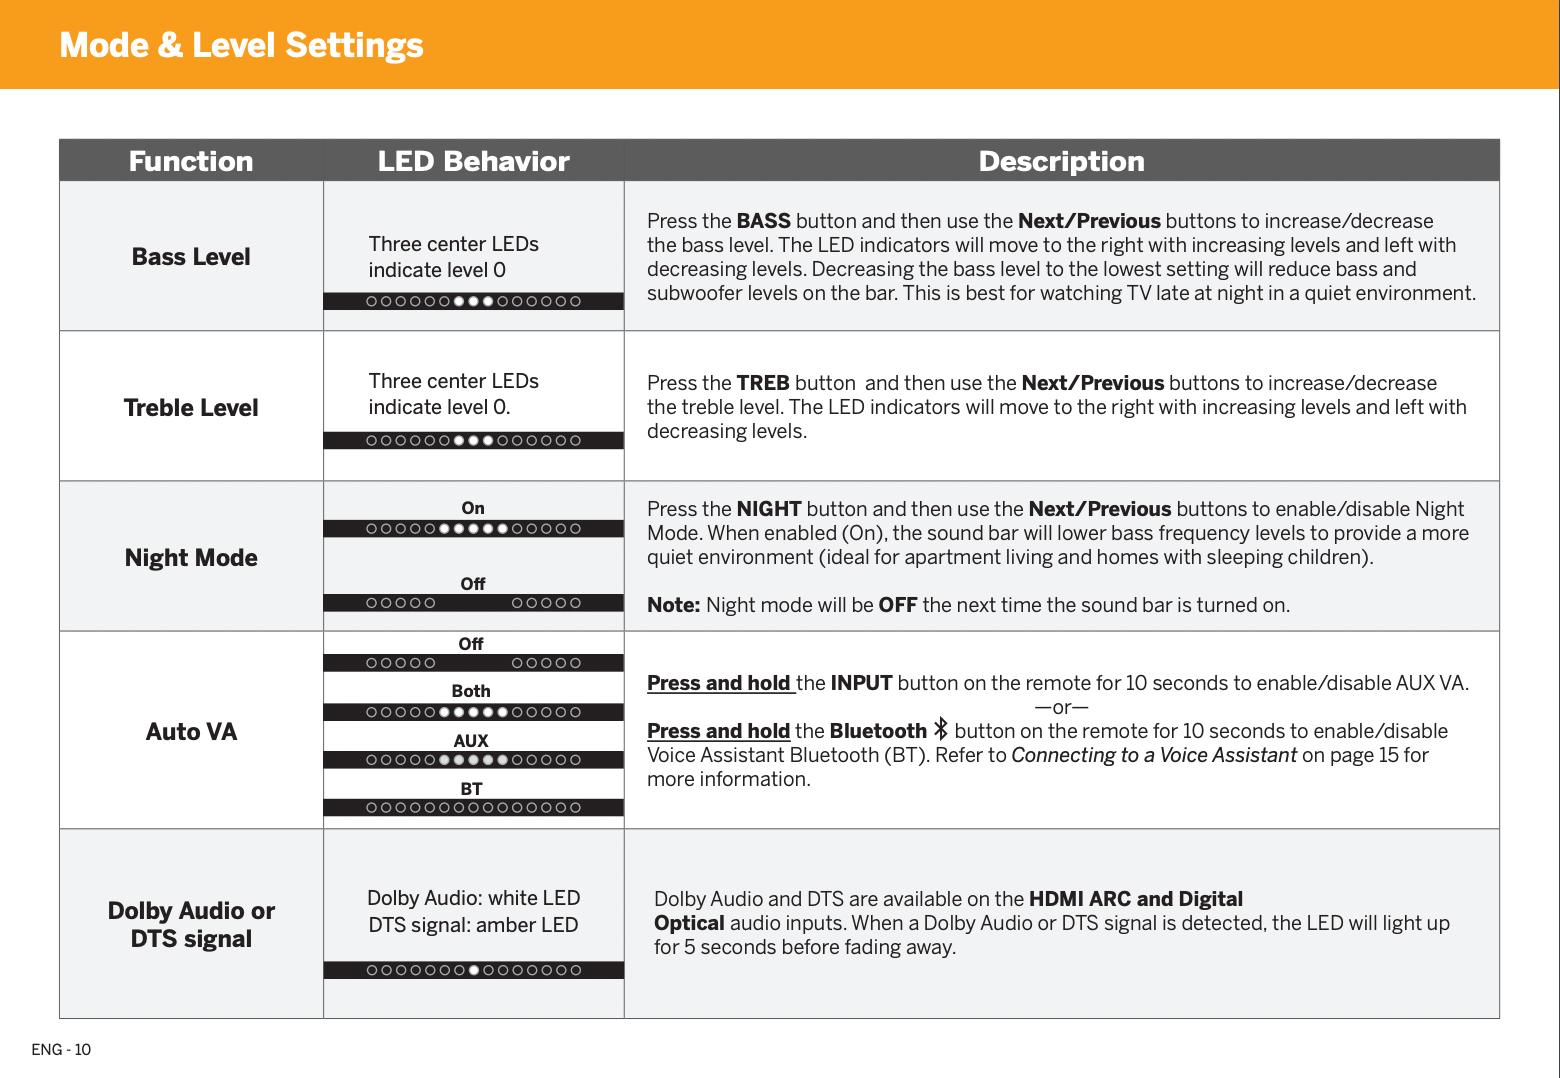 Vizio V21d-J8 remote control manual